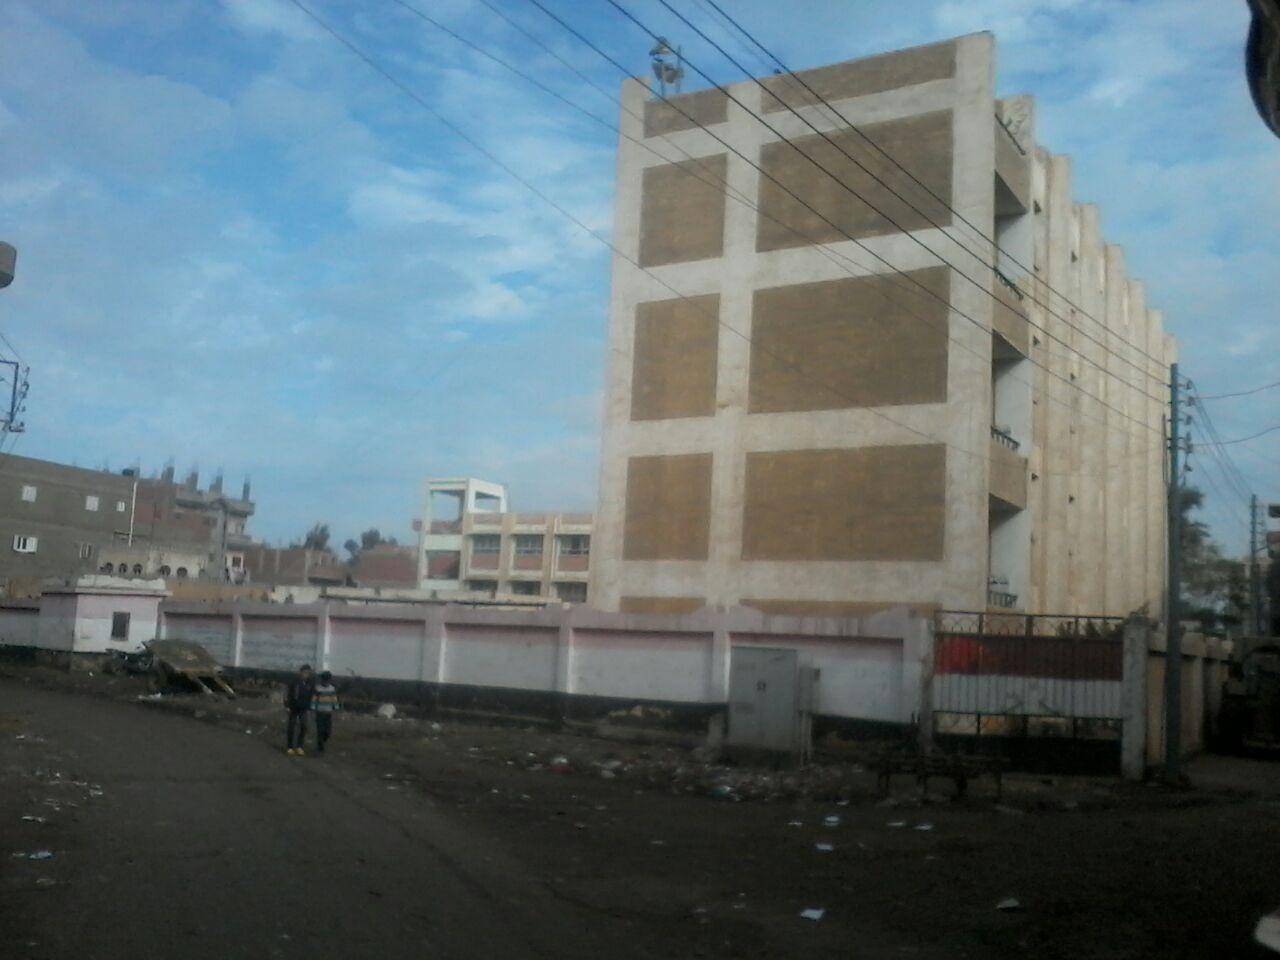 سحب مياه الصرف أمام مجمع مدارس بإحدى قرى الدقهلية